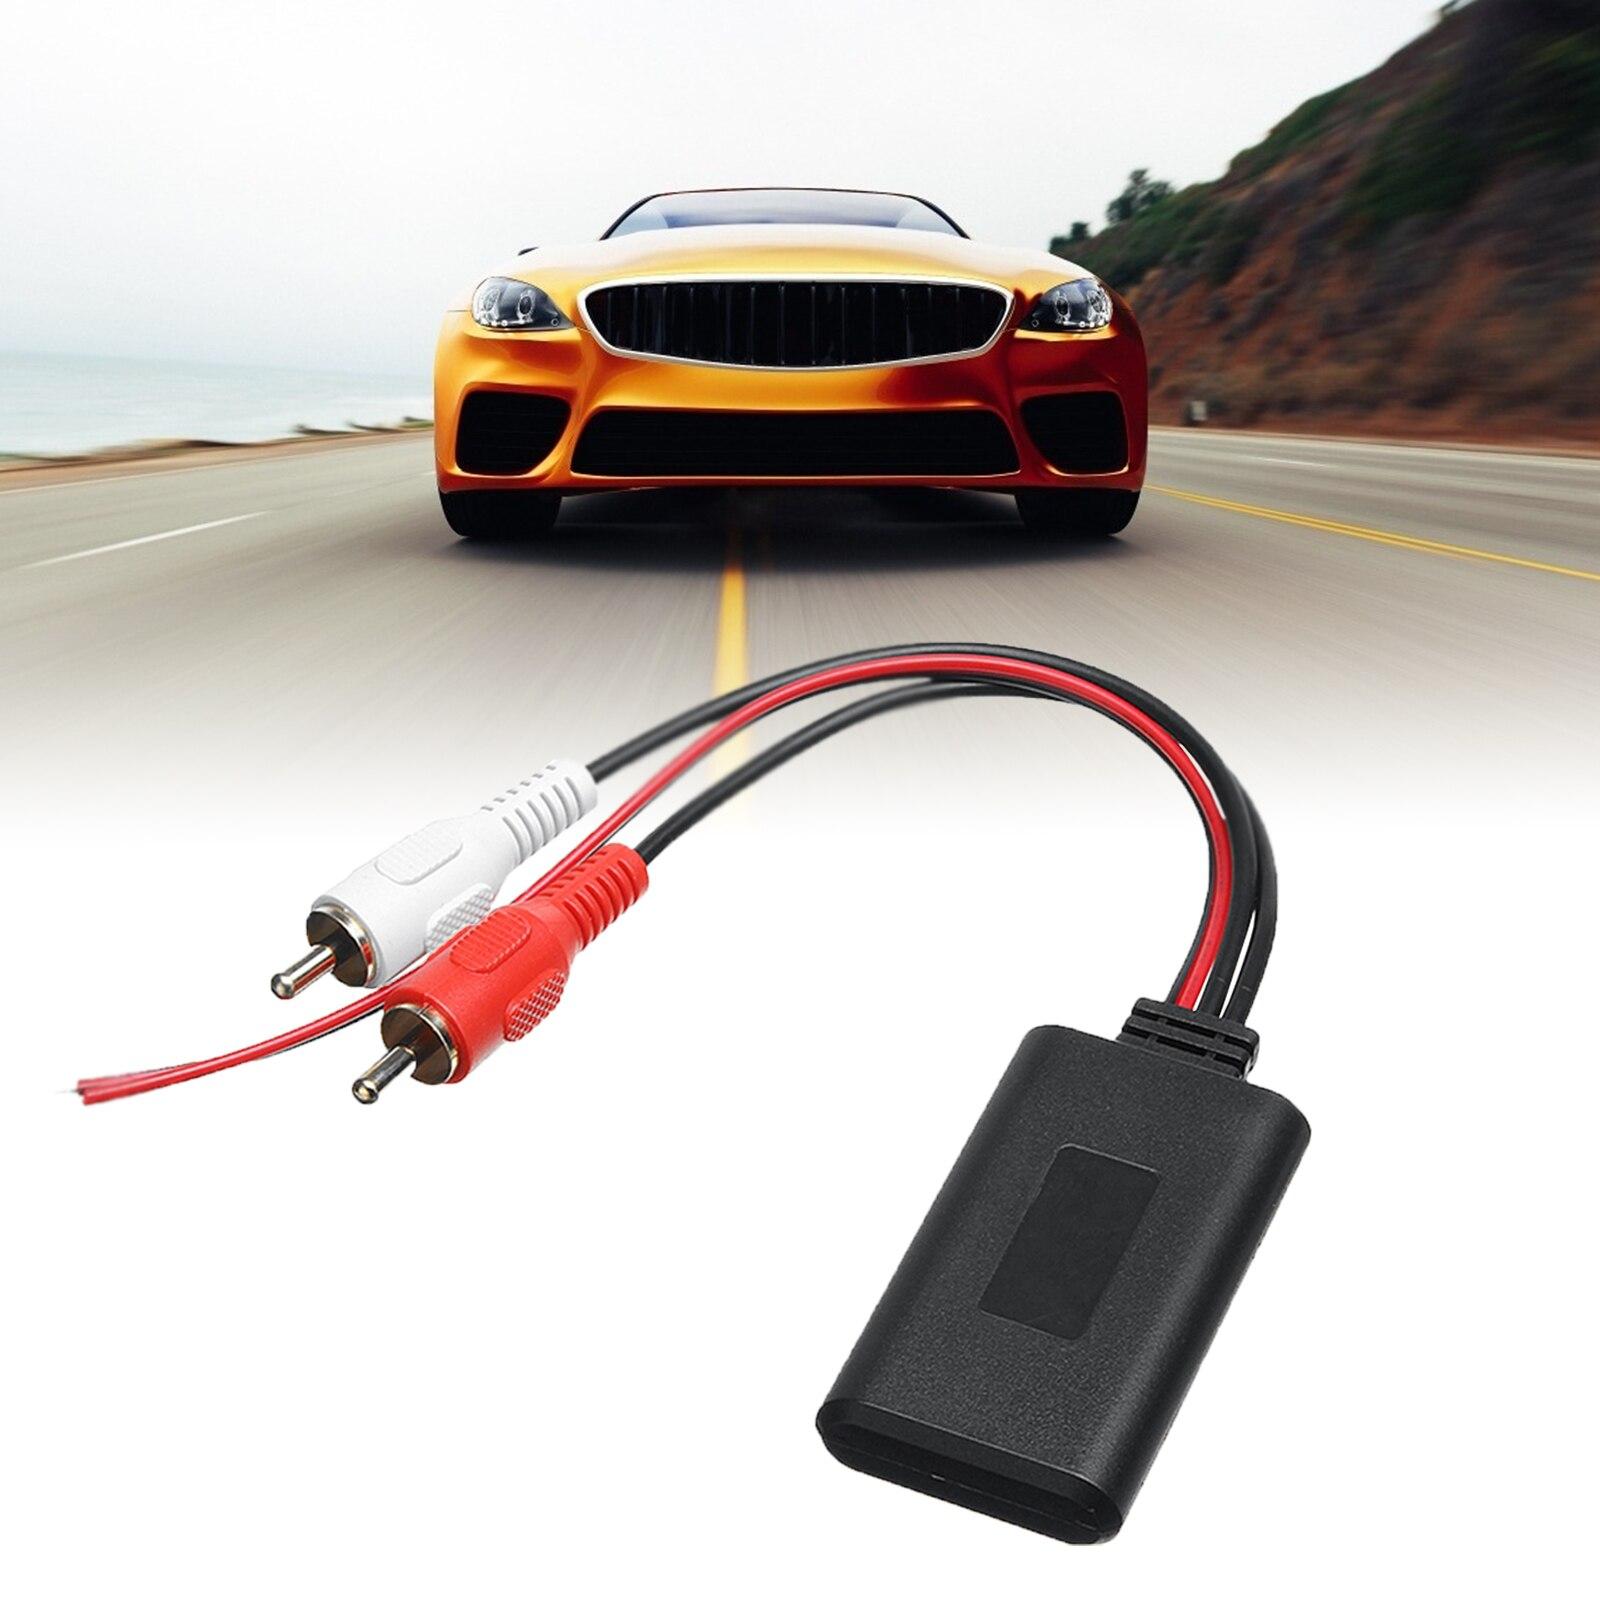 Автомобильный Универсальный беспроводной Bluetooth модуль музыкальный адаптер Rca Aux аудио кабель автомобильный аудио адаптер автомобильный вн...